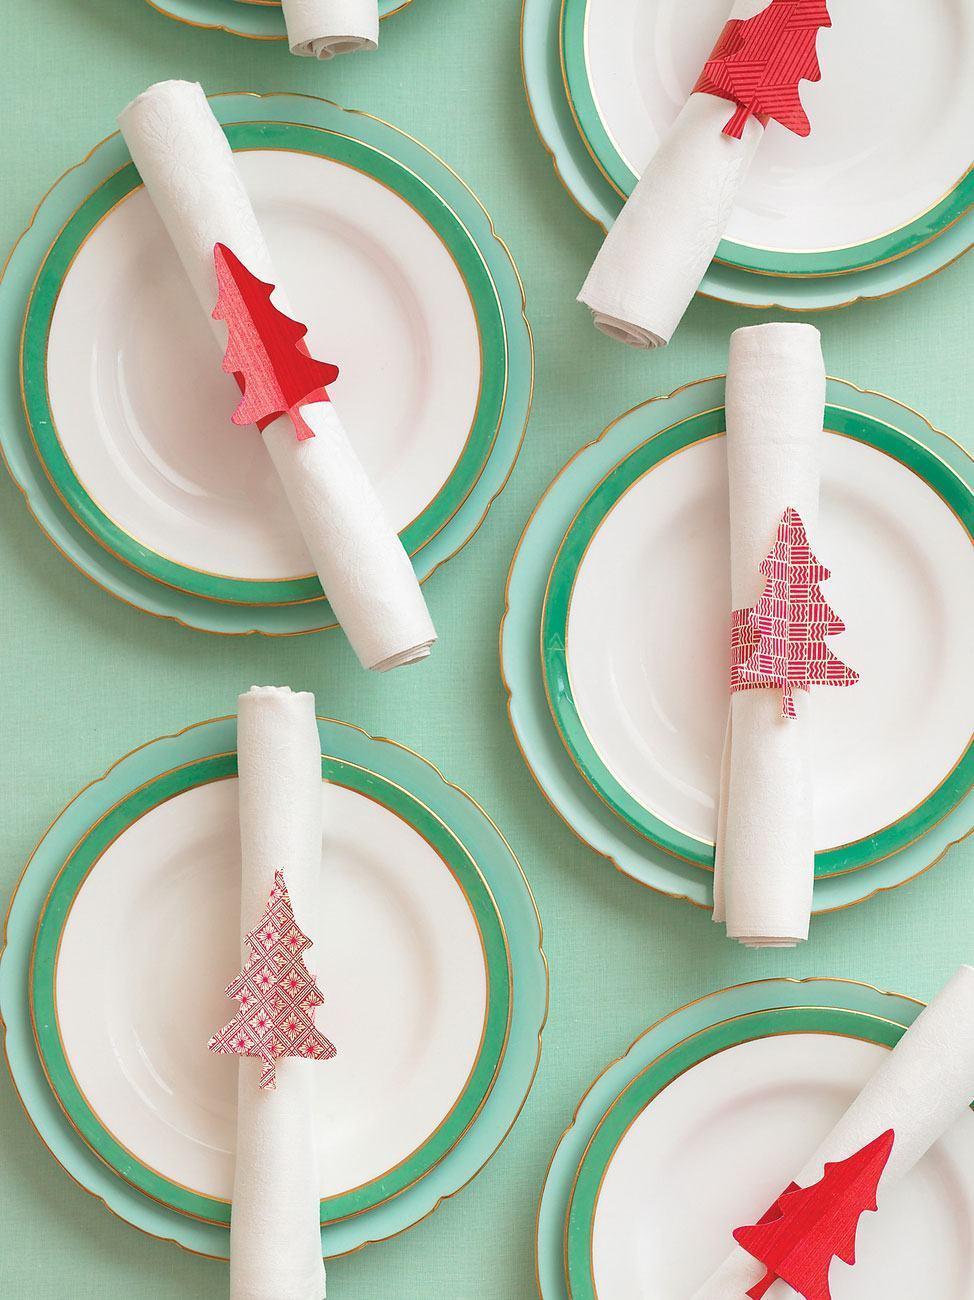 Porta guardanapos natalinos feitos com papel